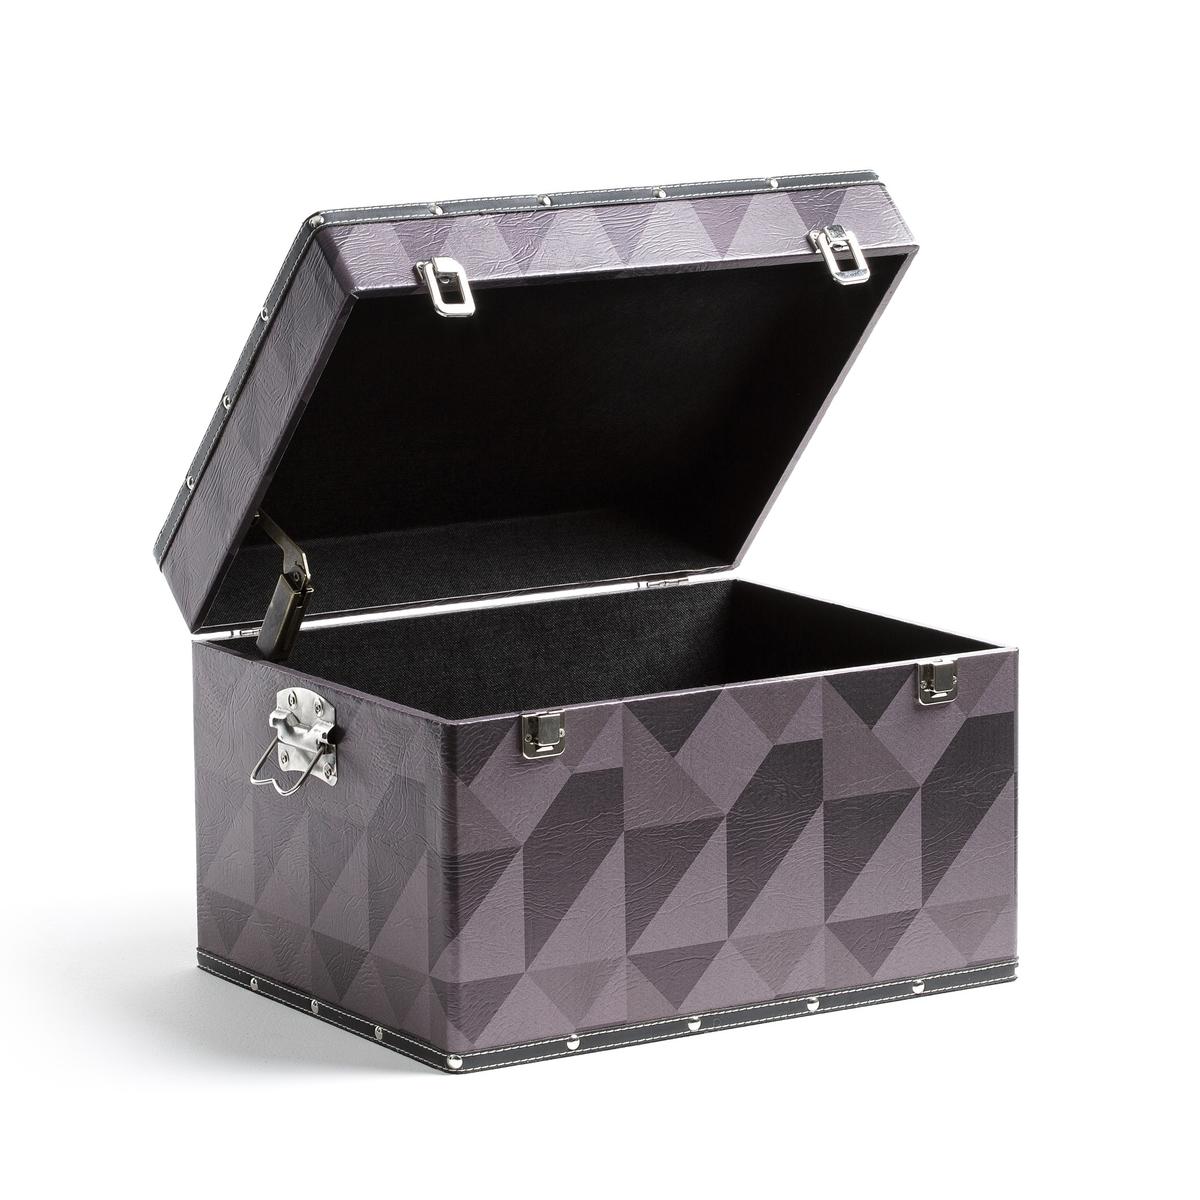 Чемодан LozaЧемодан Loza с очень модным геометрическим рисункомОписание чемодана Loza :МДФ, покрытый полиуретаном с рисунком снаружи Подкладка из вшитой ткани, 2 ручки для переноски по бокам, 2 застежки спередиЗастежка и ручки из металла,Компактный тормоз для предотвращения опрокидывания.Найдите коллекцию Loza на сайте laredoute .ruРазмеры чемодана Loza :   Длина : 45,3 см Высота : 30 смГлубина : 35 см<br><br>Цвет: черный/хаки/серый